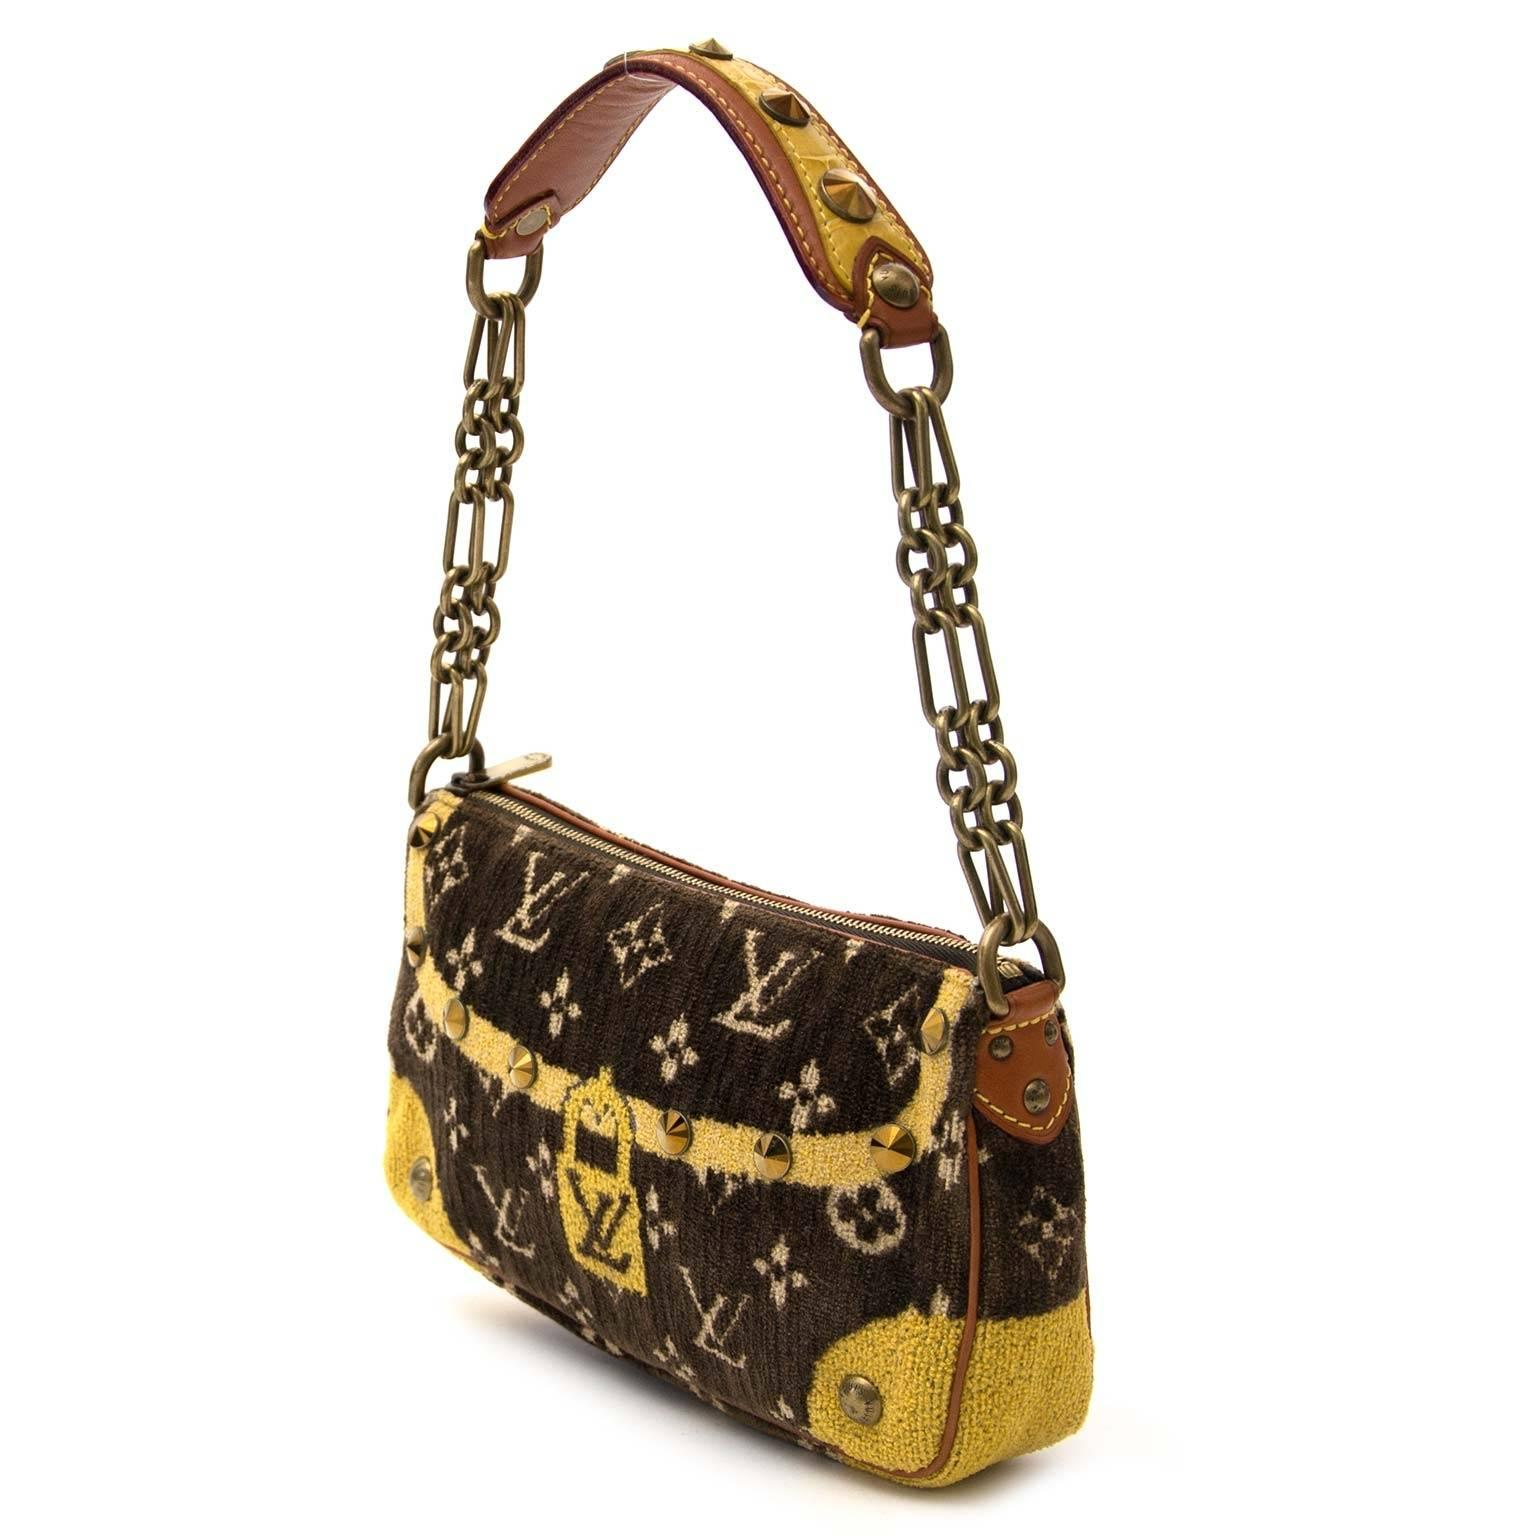 Louis Vuitton Limited Pochette Accessoire Trompe Loeil Shoulder Bag 1JgxLNiadG